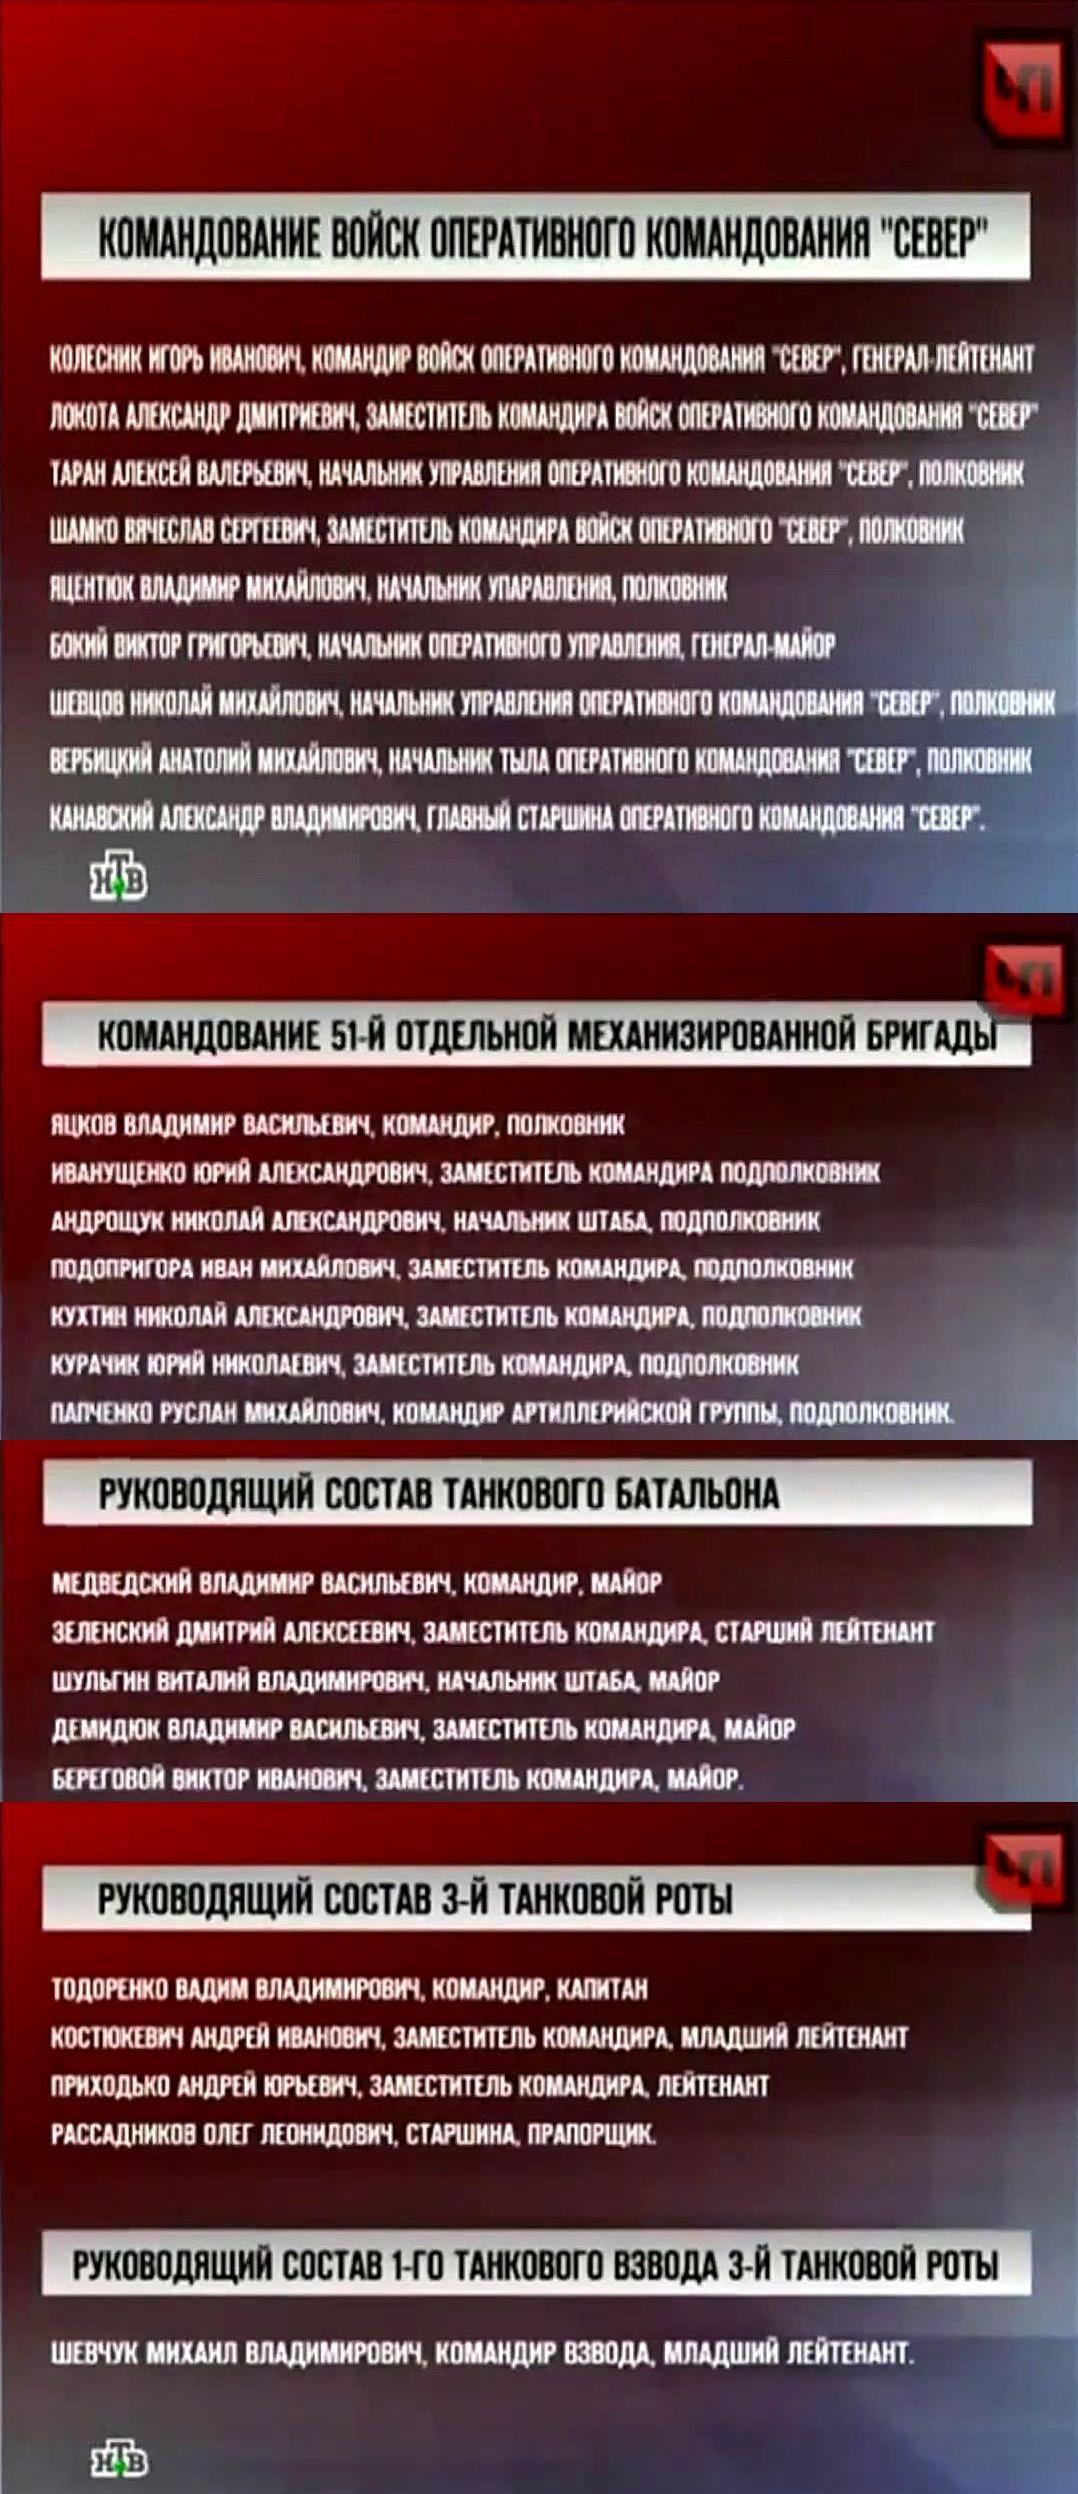 Список_военных_карателей_неофашистской_хунты